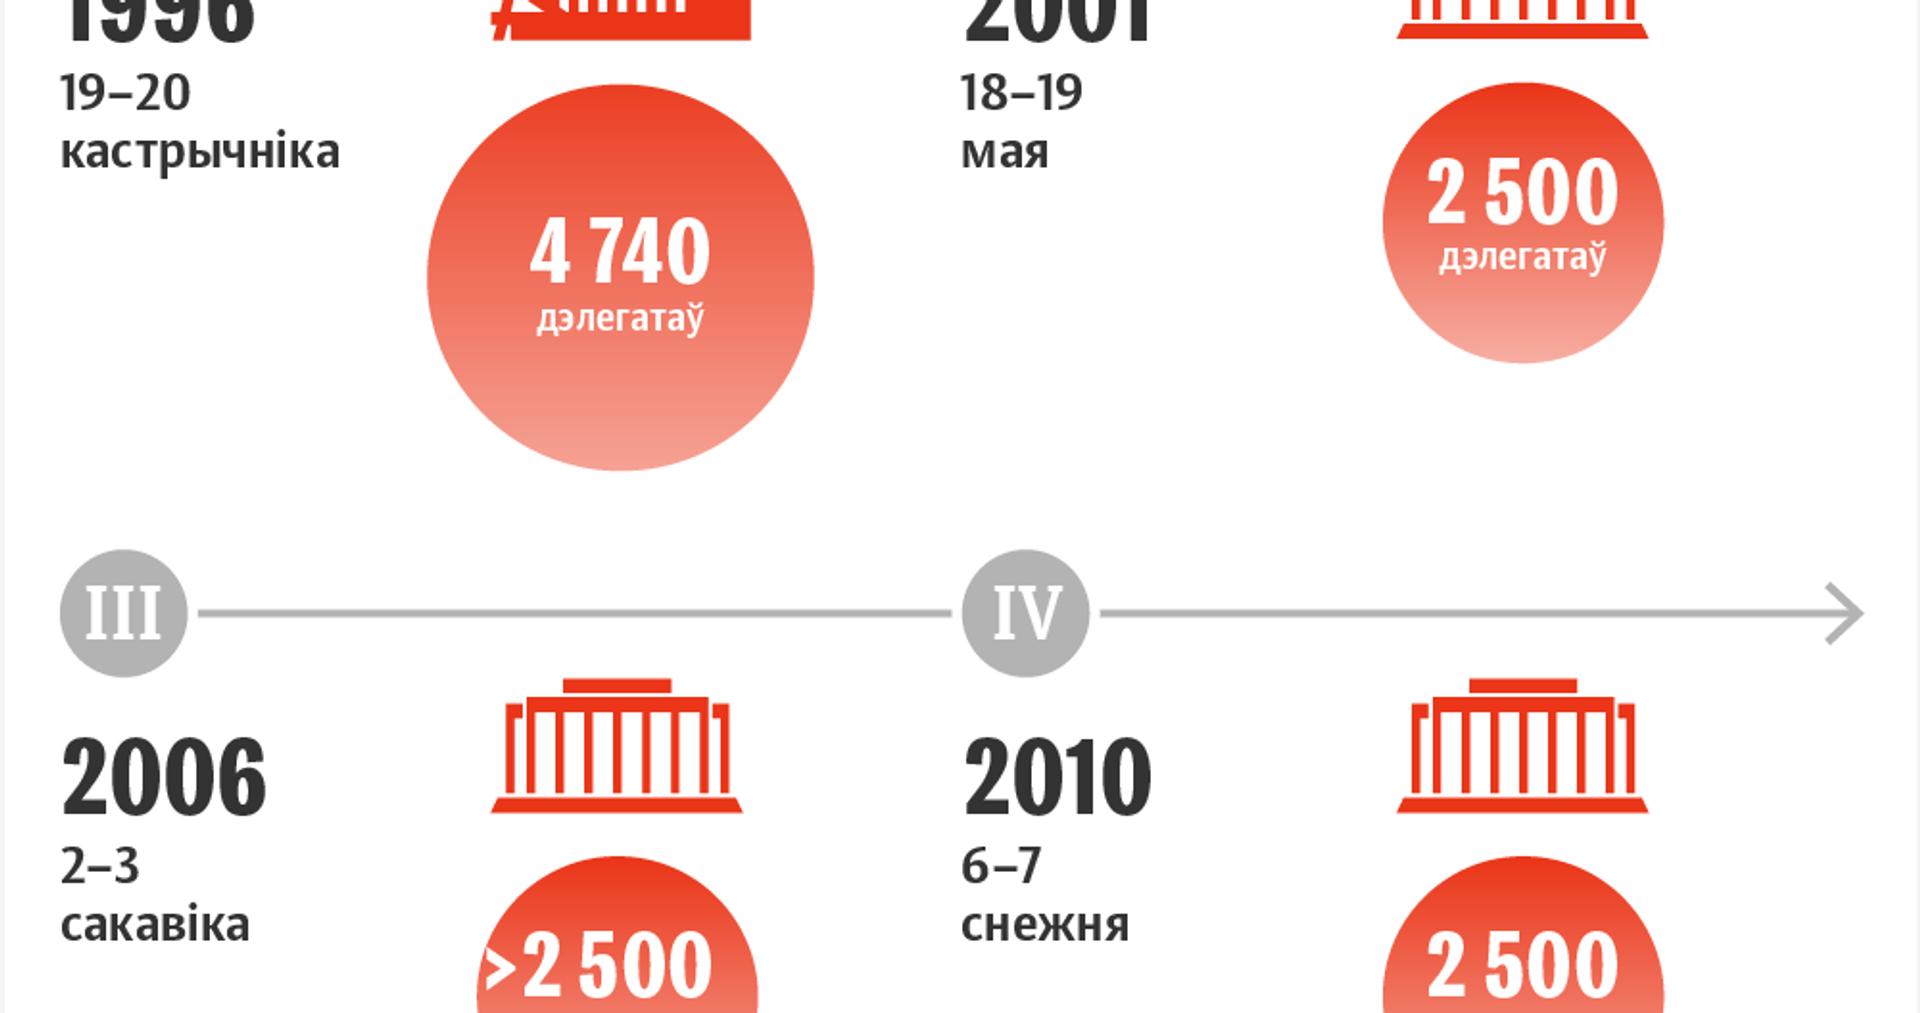 Усебеларускі народны сход: храналогія 1996–2021 - Sputnik Беларусь, 1920, 10.02.2021